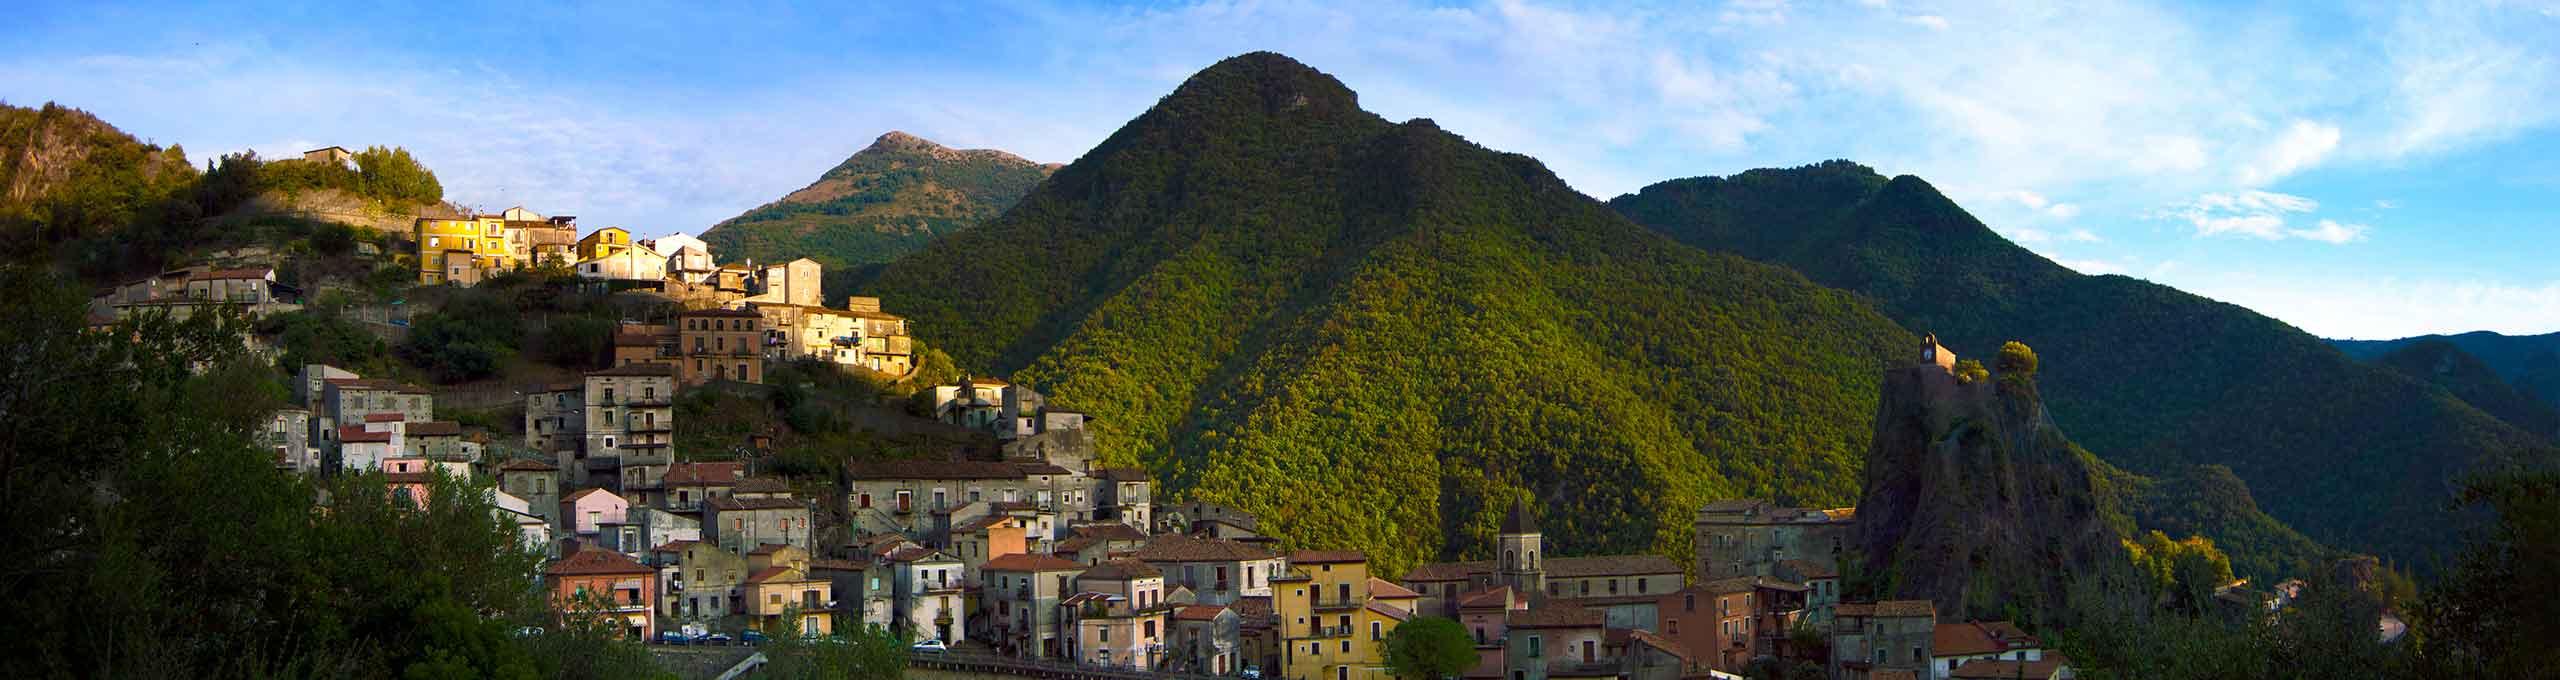 Orsomarso, Riviera dei Cedri, Calabria